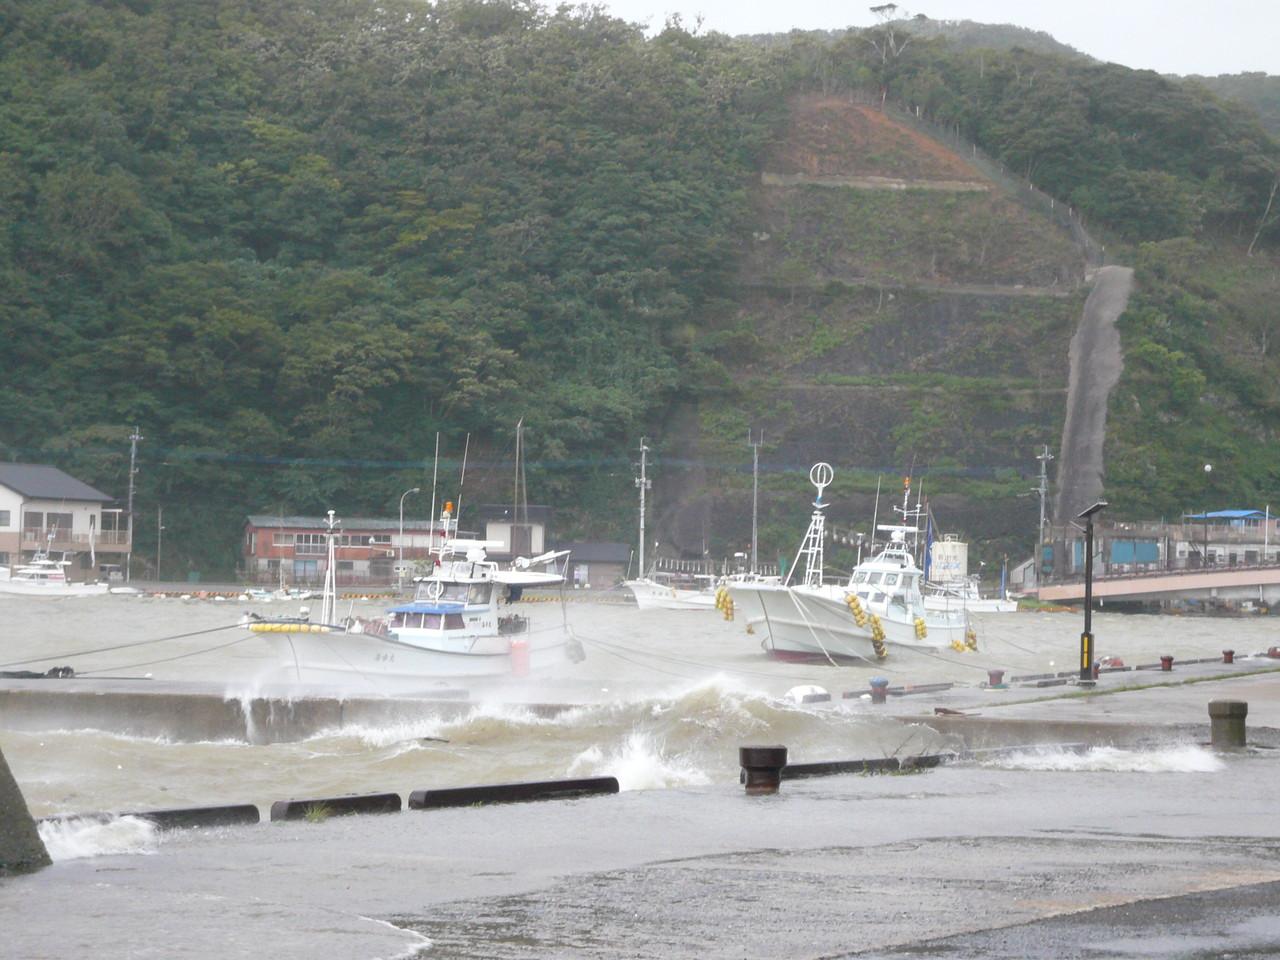 午前9時すぎ 朝鮮海峡対馬の西110km通過中 影響あり